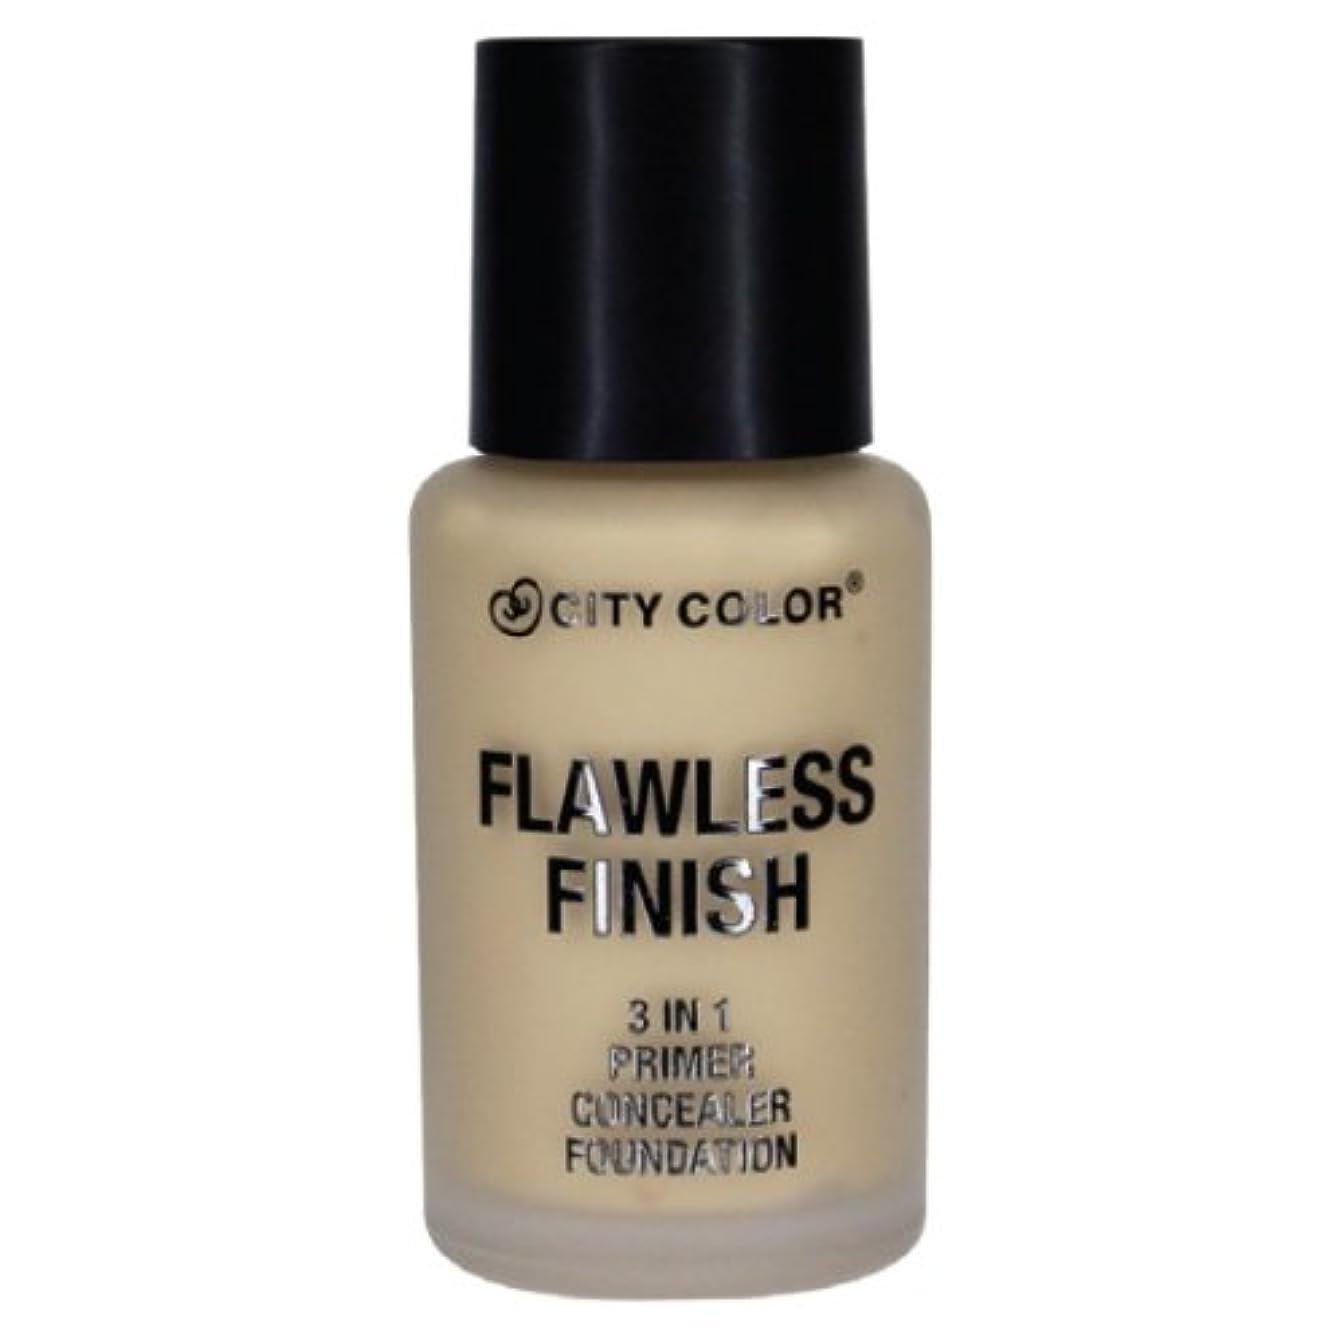 (6 Pack) CITY COLOR Flawless Finish 3 In 1 Primer, Concealer Foundation - Soft Beige (並行輸入品)